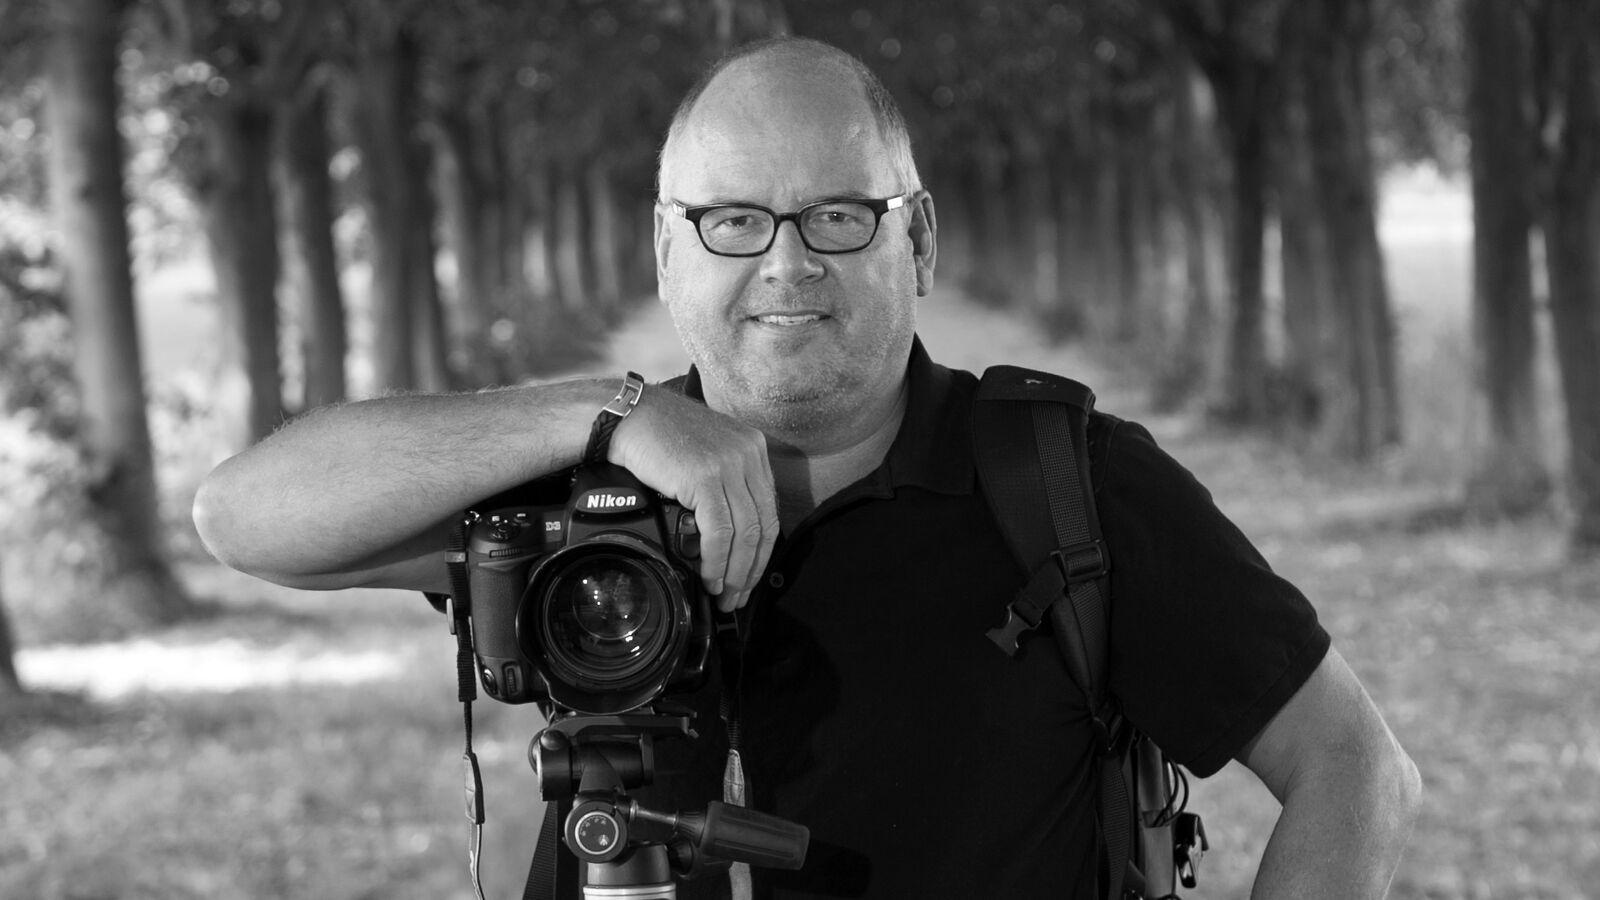 Haal meer uit je camera en maak betere foto's - Basiscursus 2020